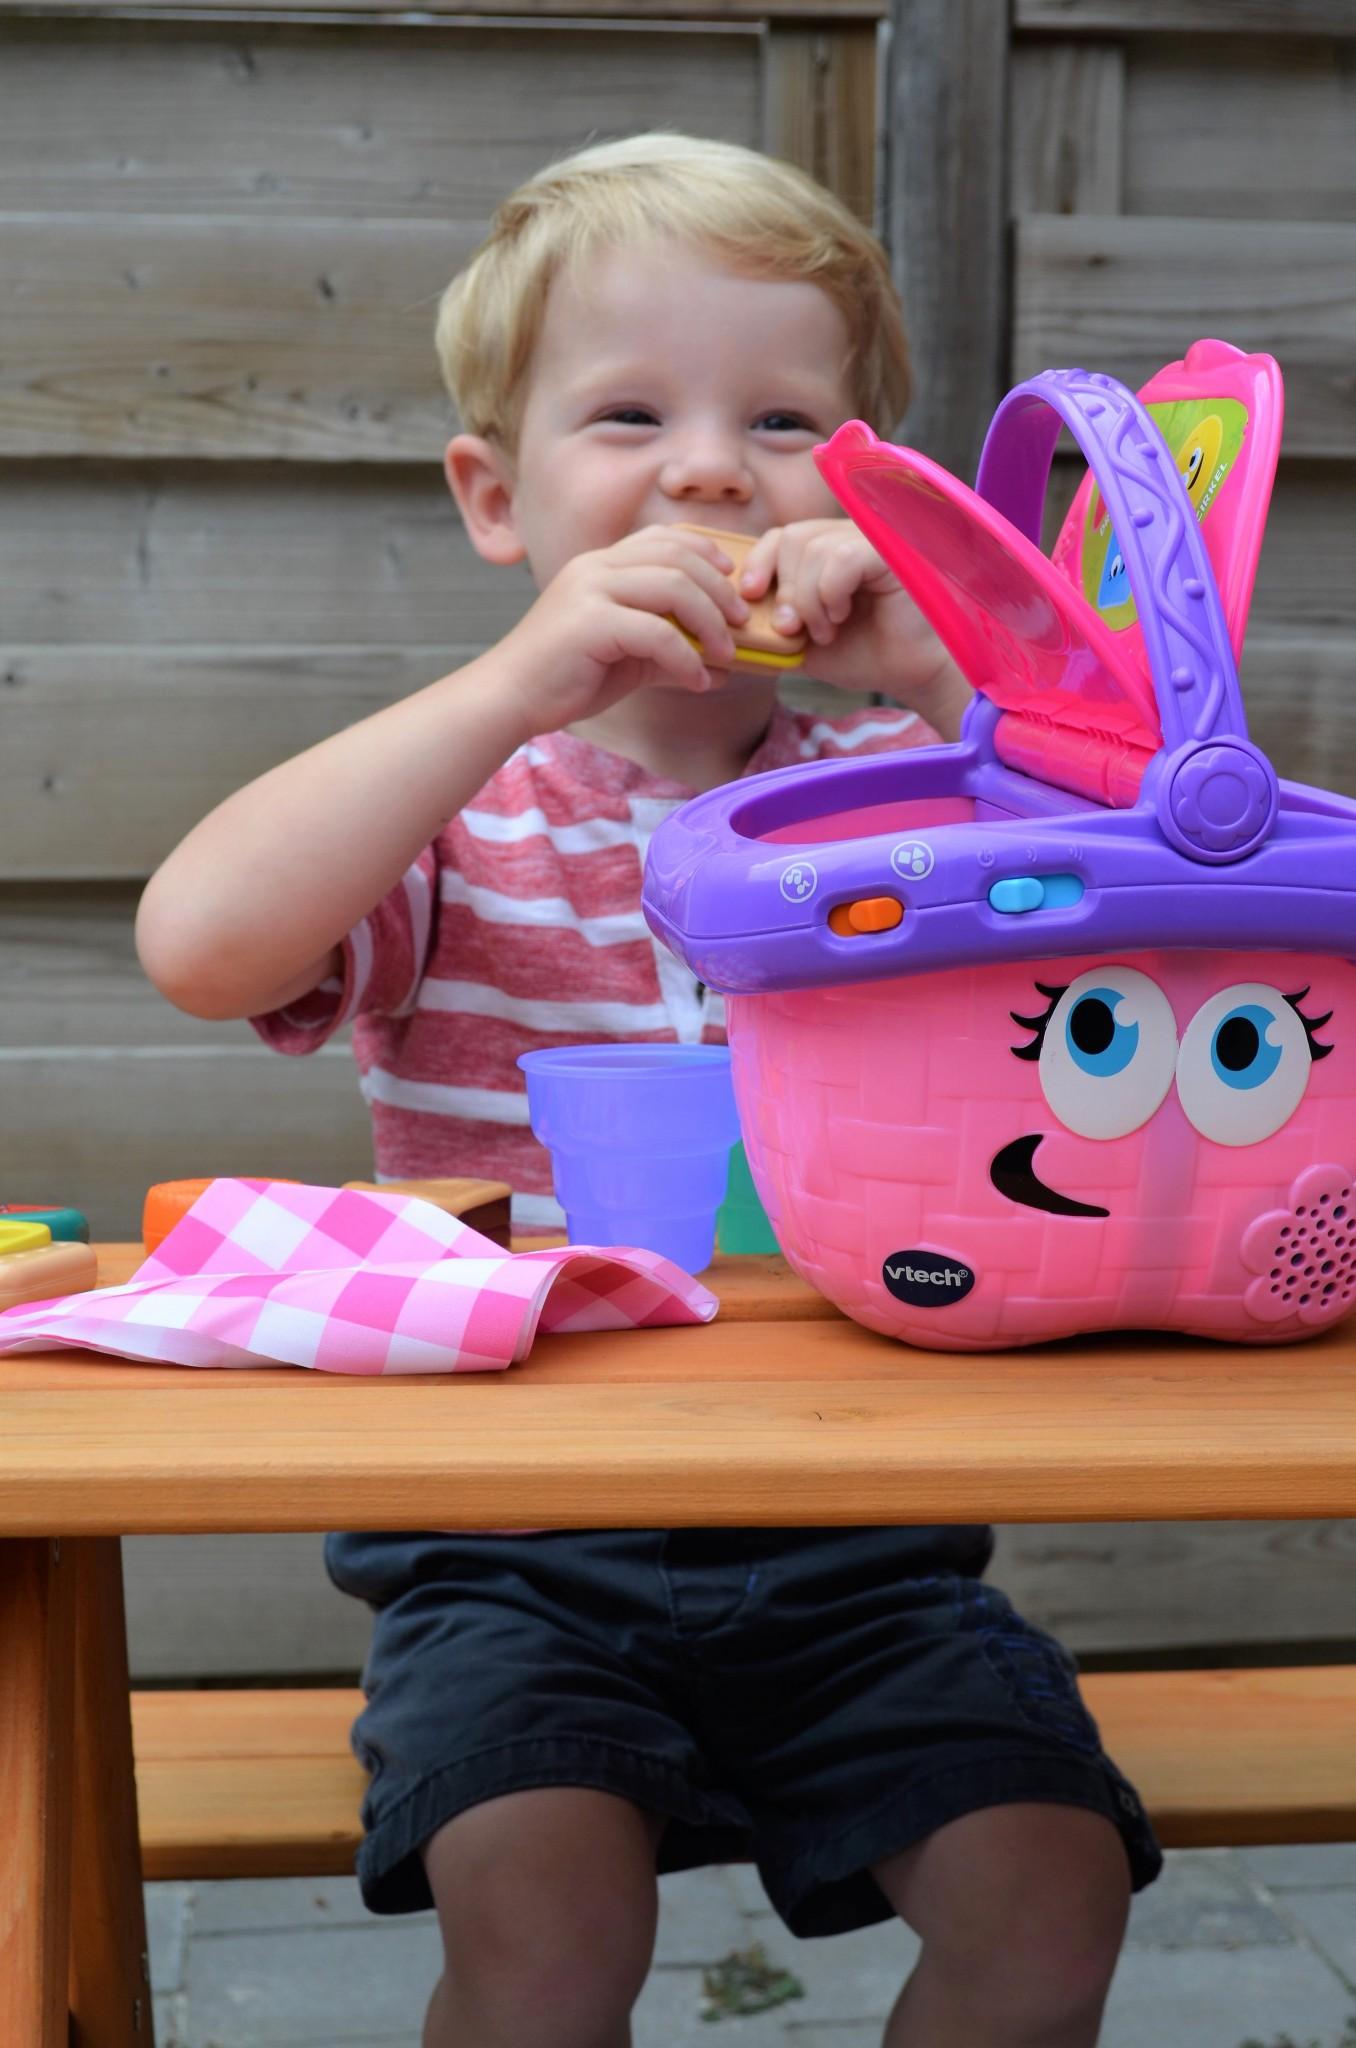 Roze speelgoed voor meisjes? Welnee!